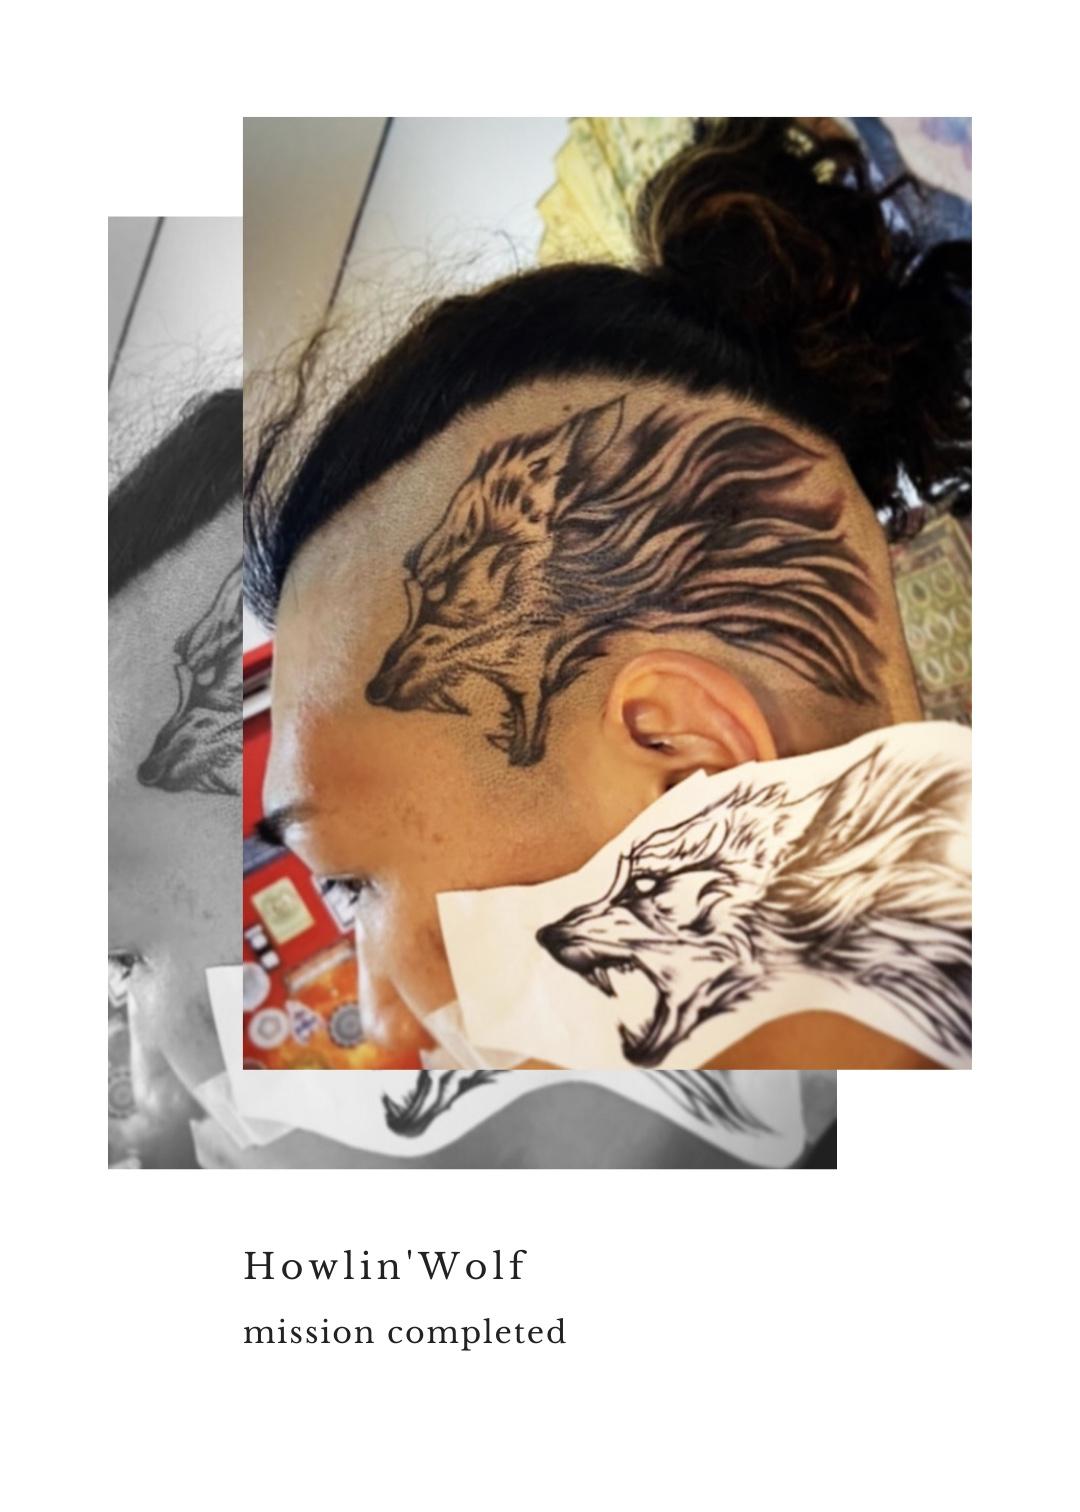 頭 ヘッド<狼 ウルフタトゥープロジェクト> | 東京渋谷タトゥースタジオ 刺青師 渋谷伊彫